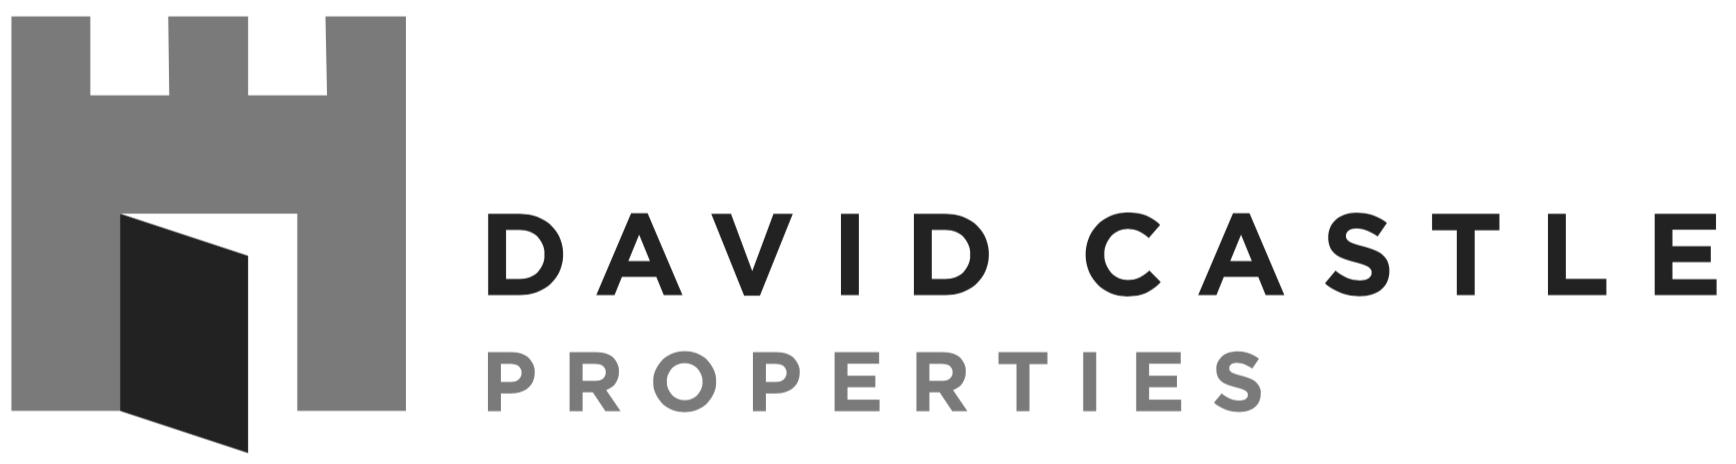 David Castle Properties